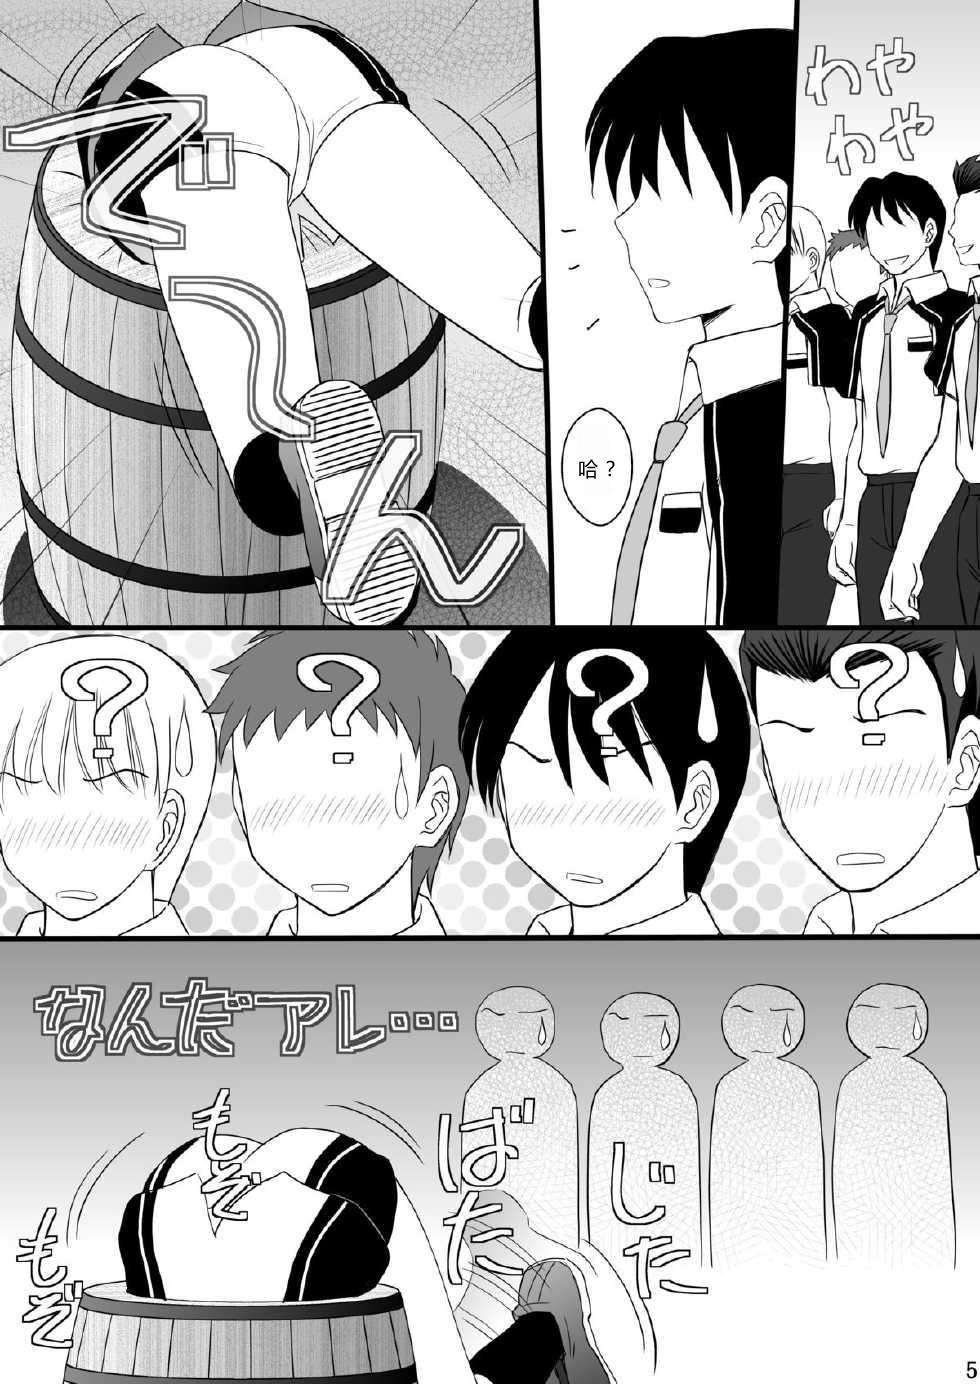 Seishinhoukai Surumade Kusugurimakutte Ryoujoku Shitemiru Test VI & VIII 5